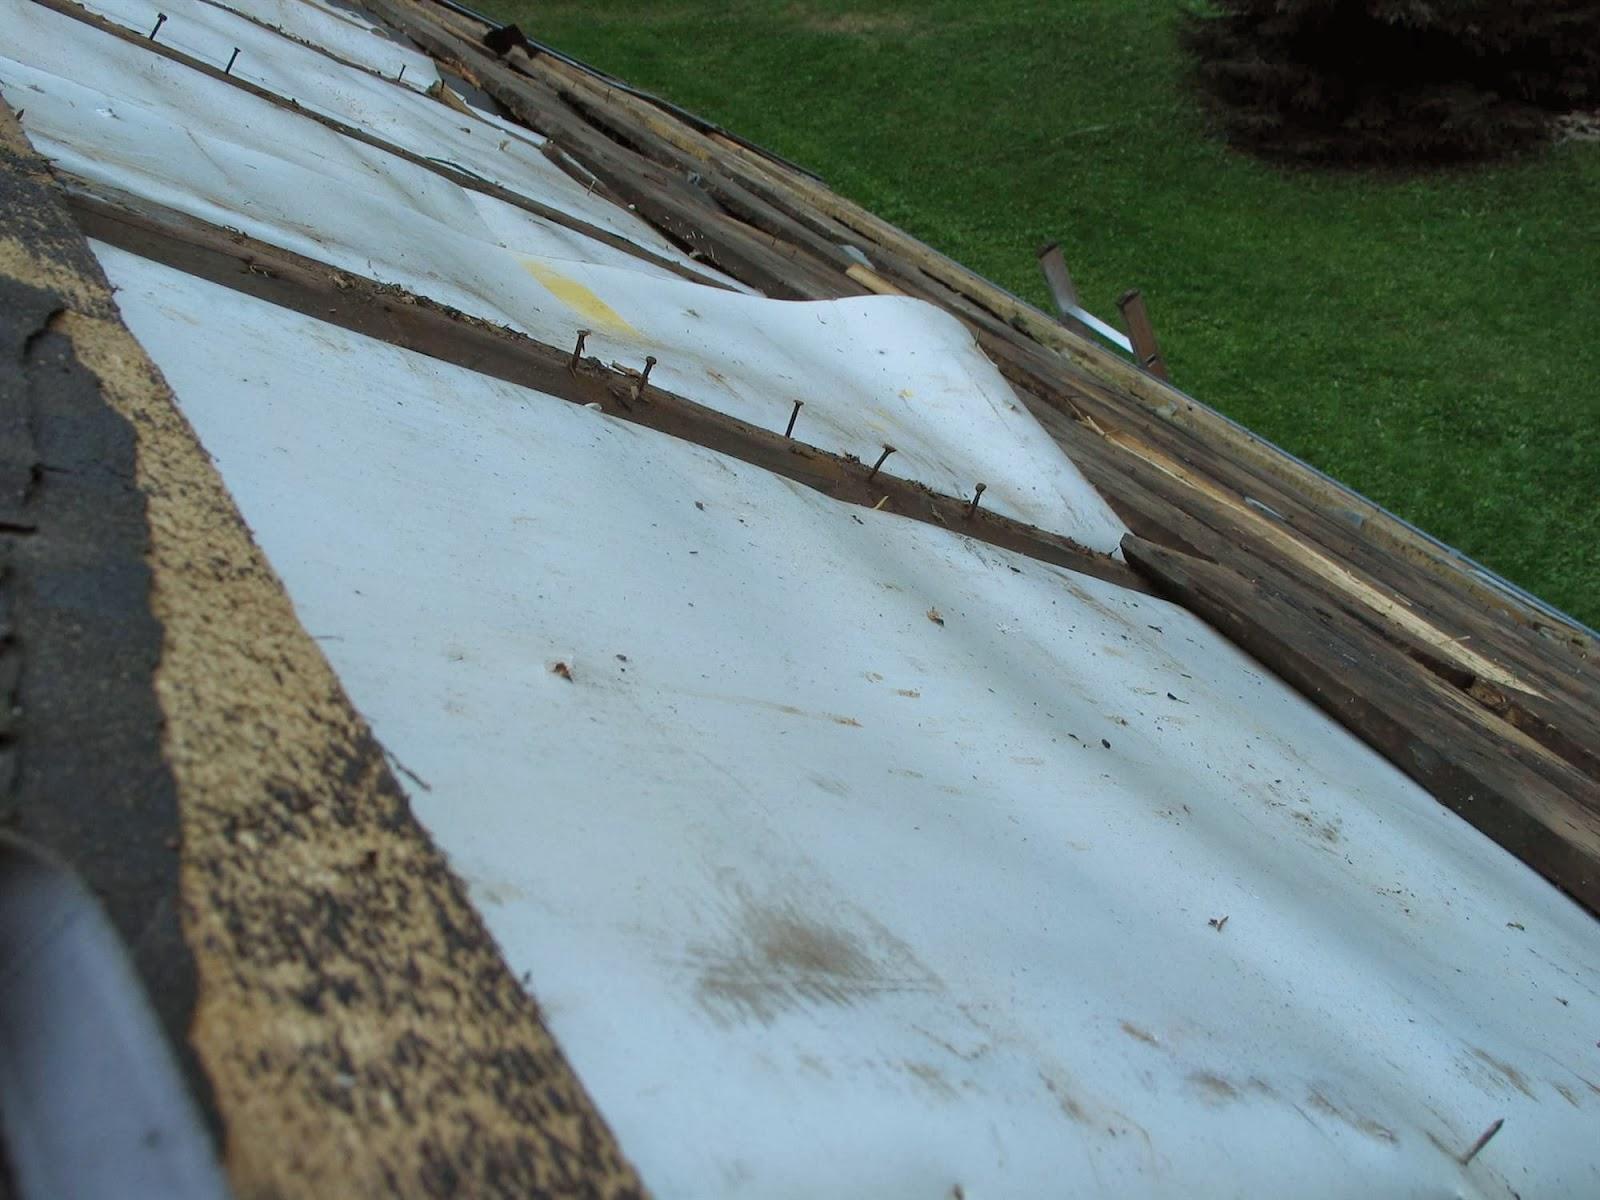 Delovna akcija - Streha, Črni dol 2006 - streha%2B037.jpg